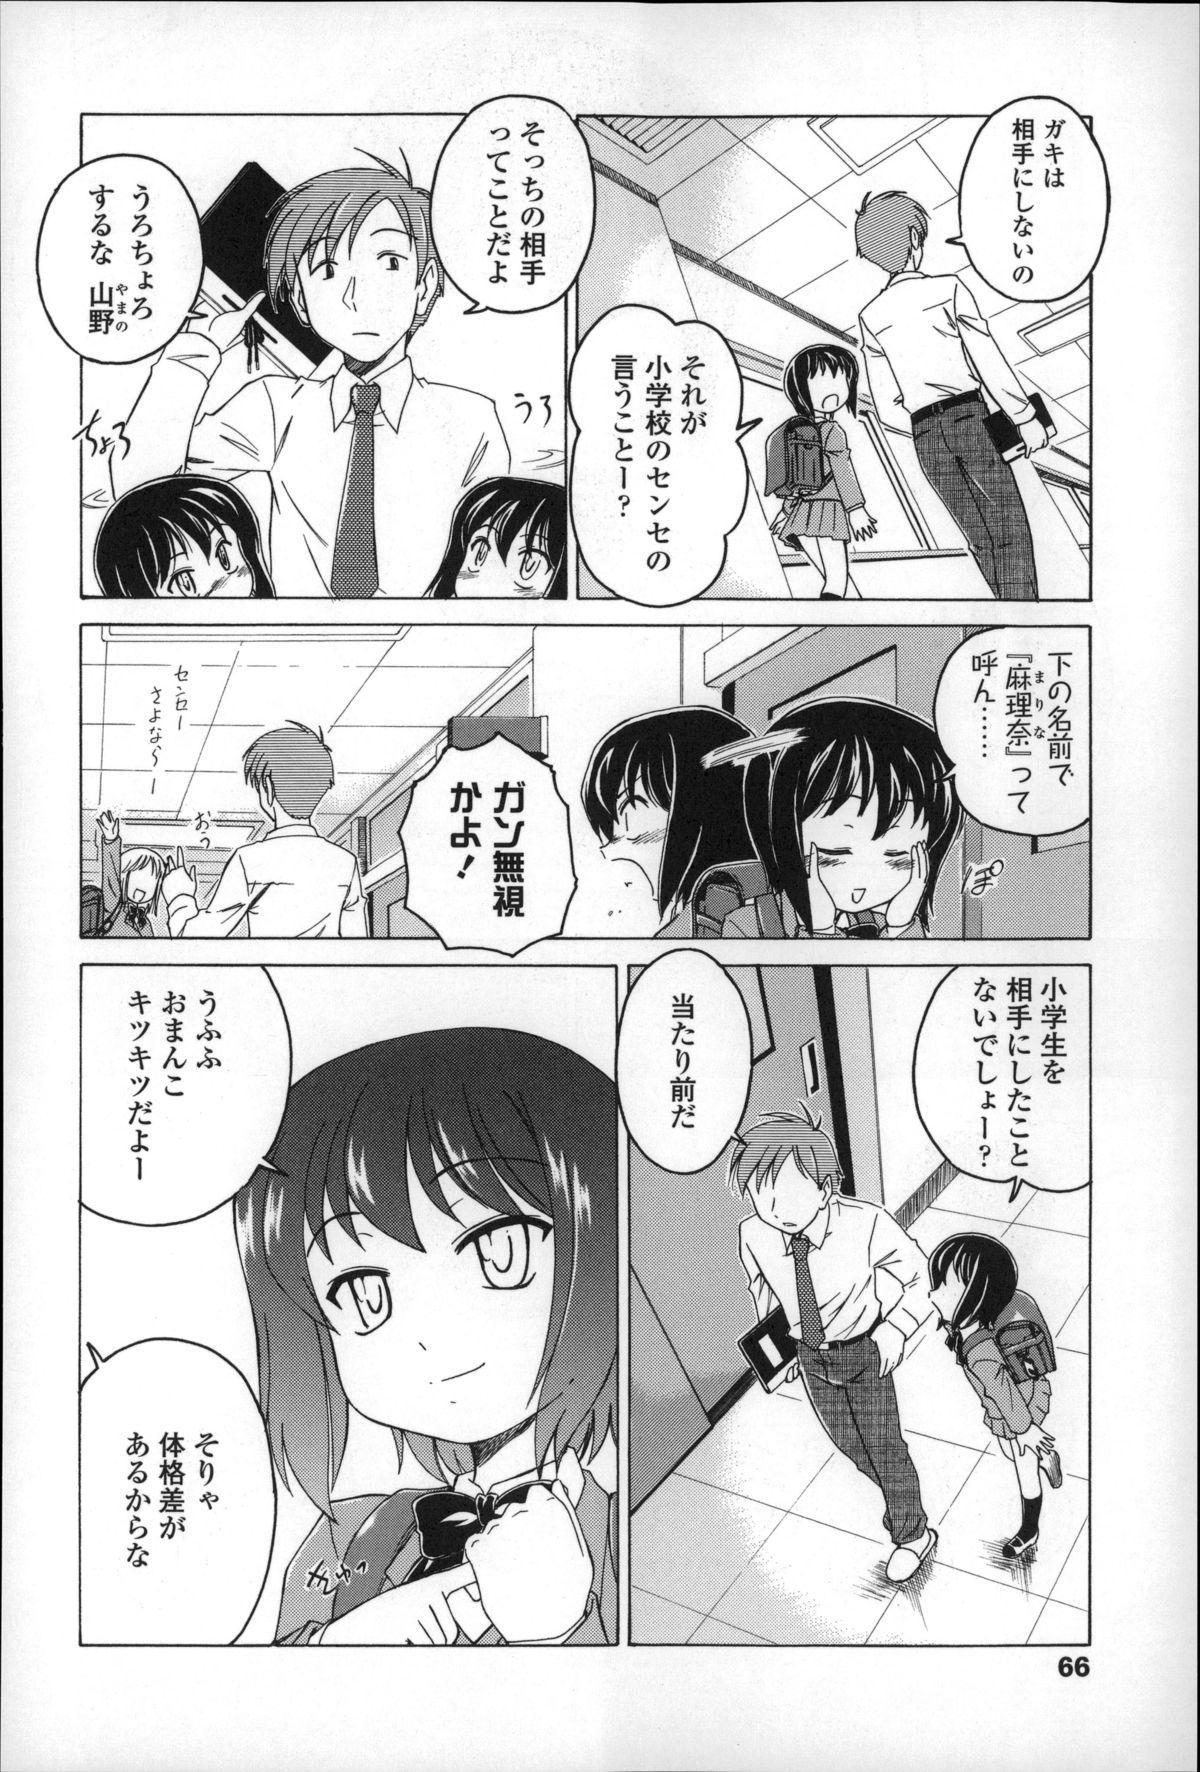 Youshou no Hana no Himitsu - The secret of Girls flowers 69